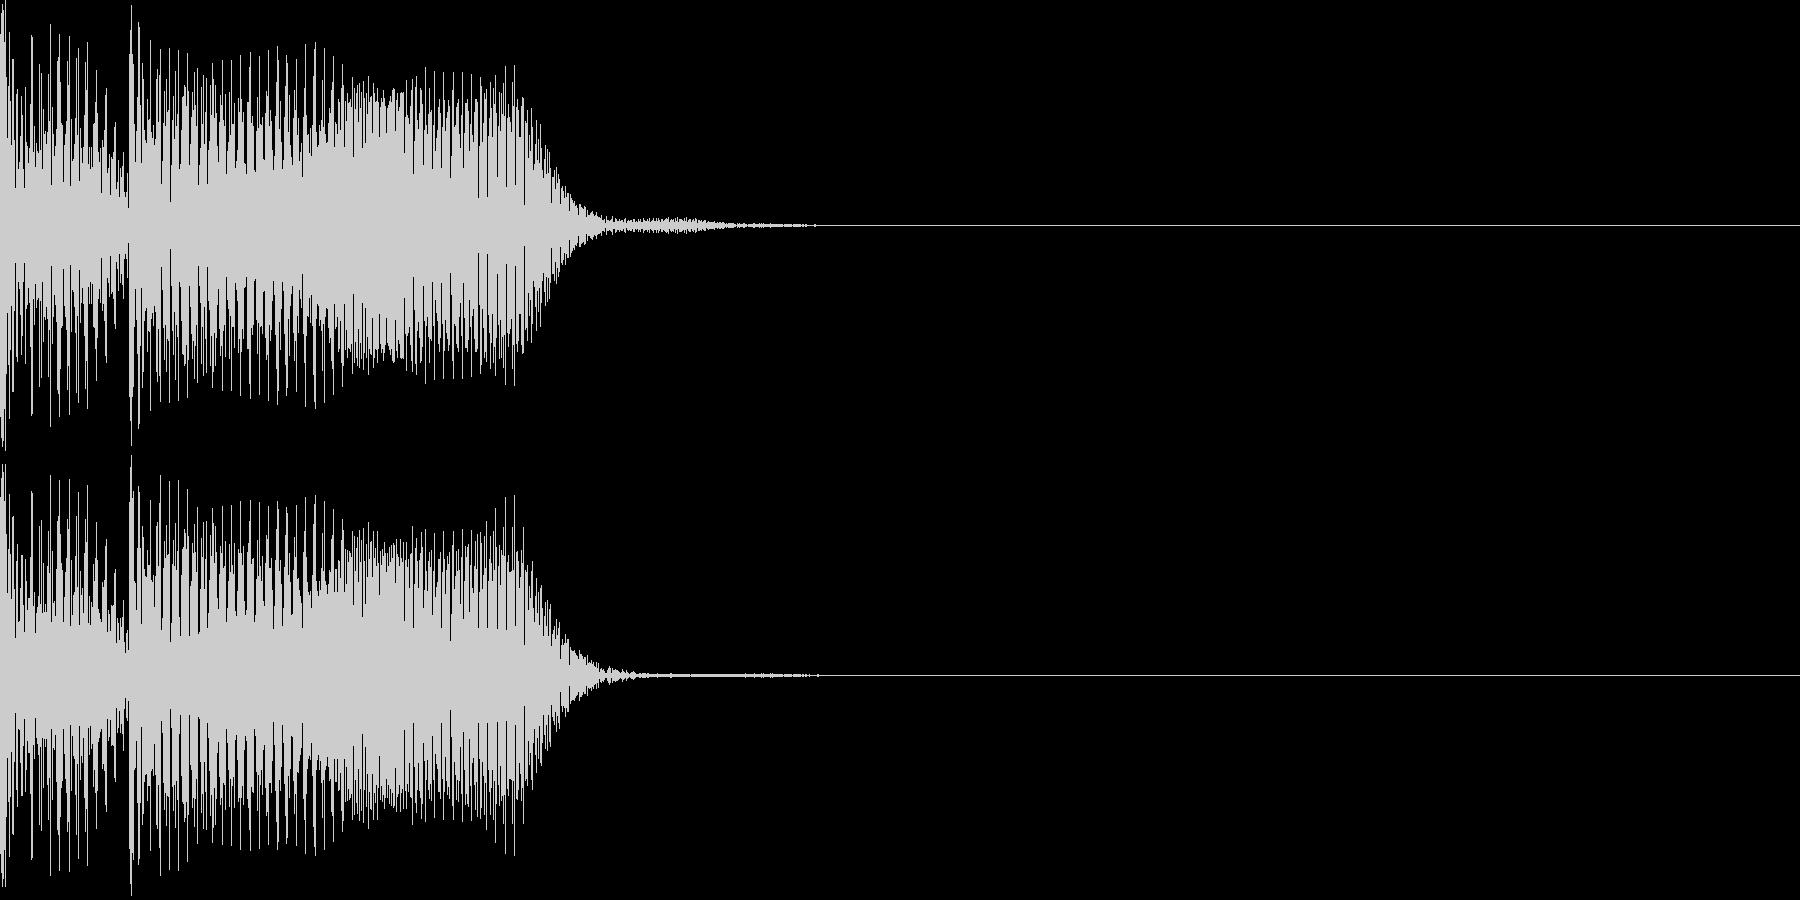 不正解音02の未再生の波形